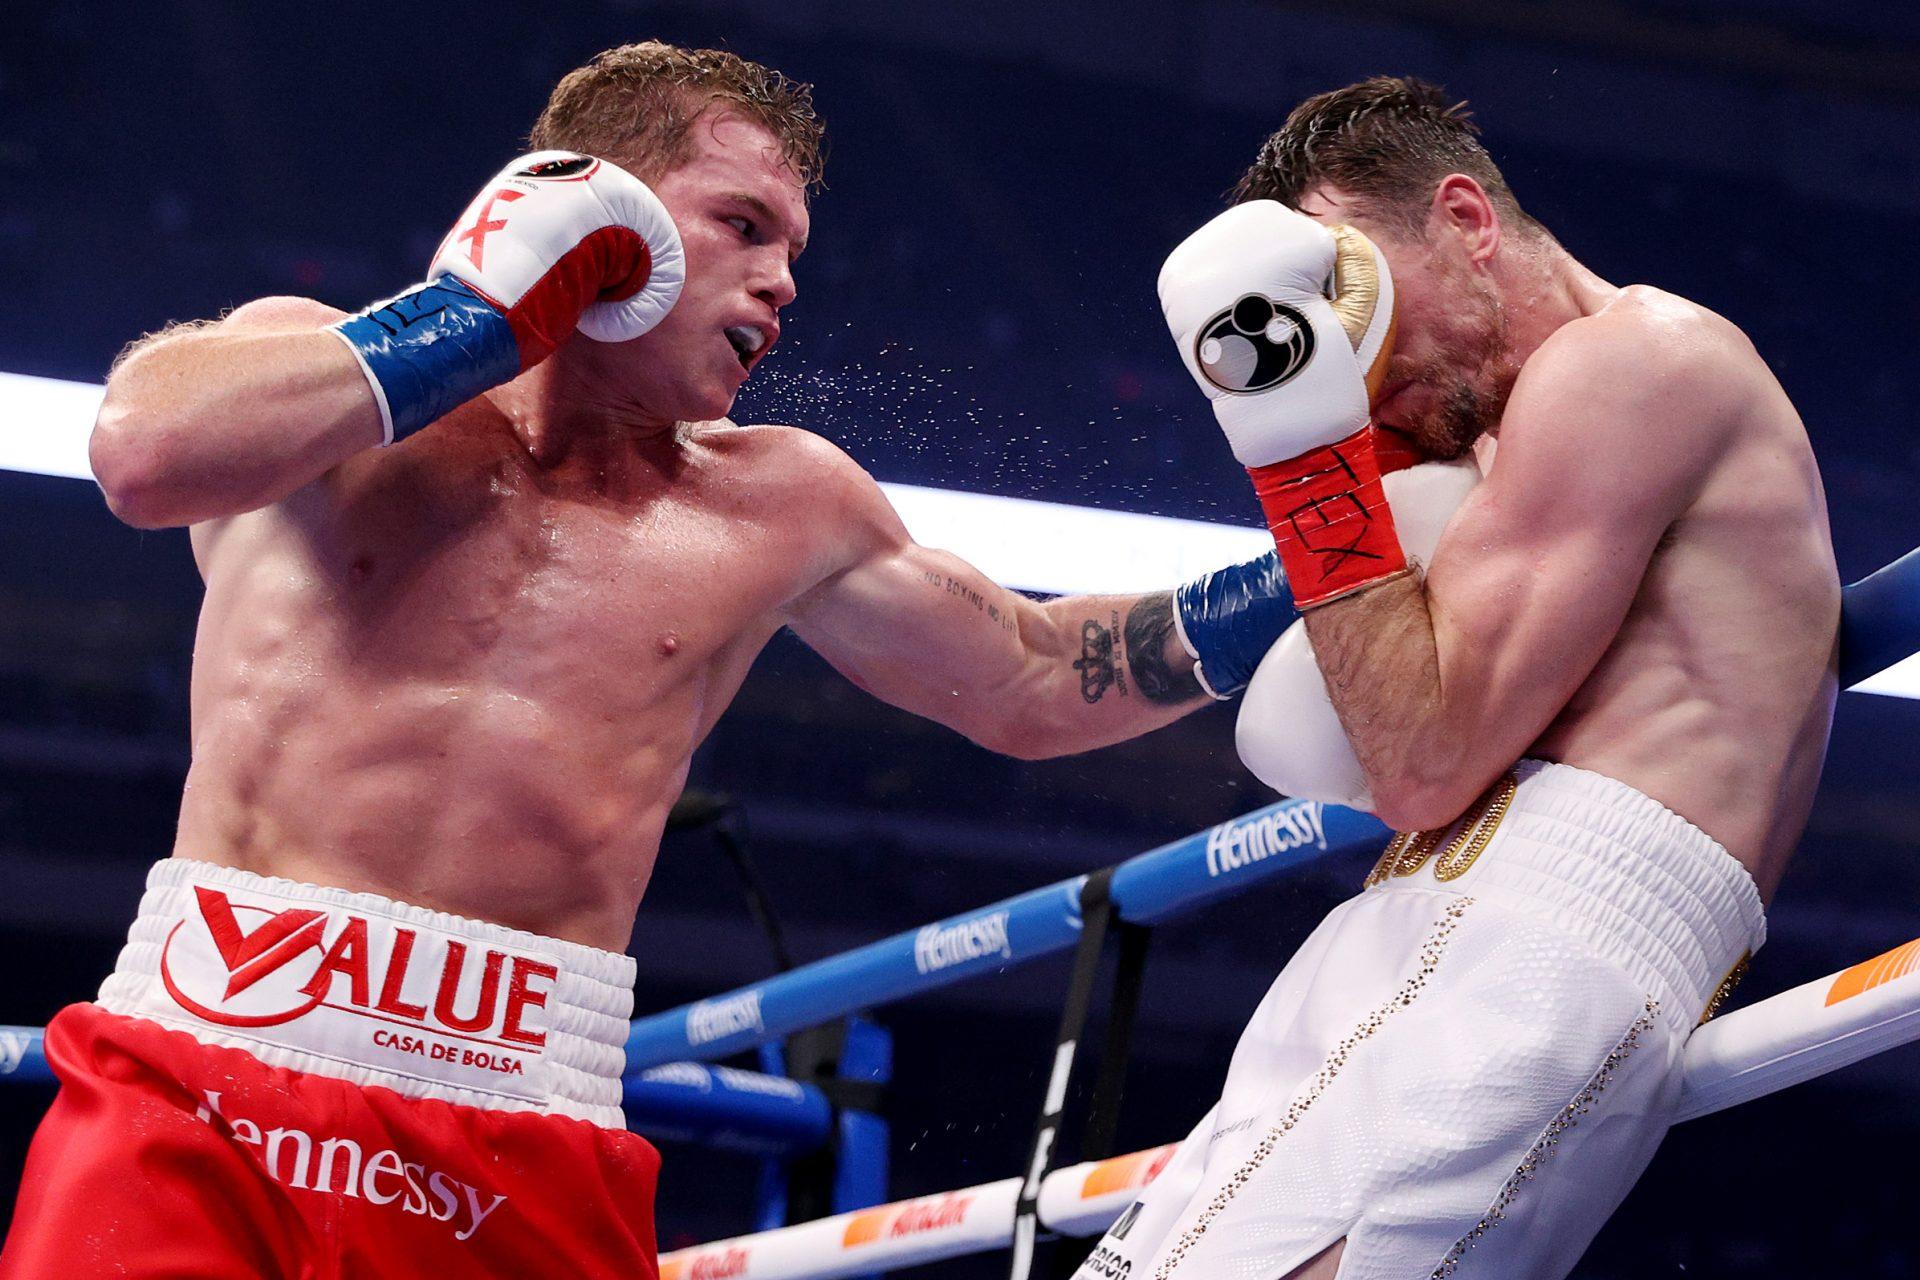 Canelo Alvarez defeats Callum Smith to become WBC and WBA super middleweight championship - Canelo Alvarez